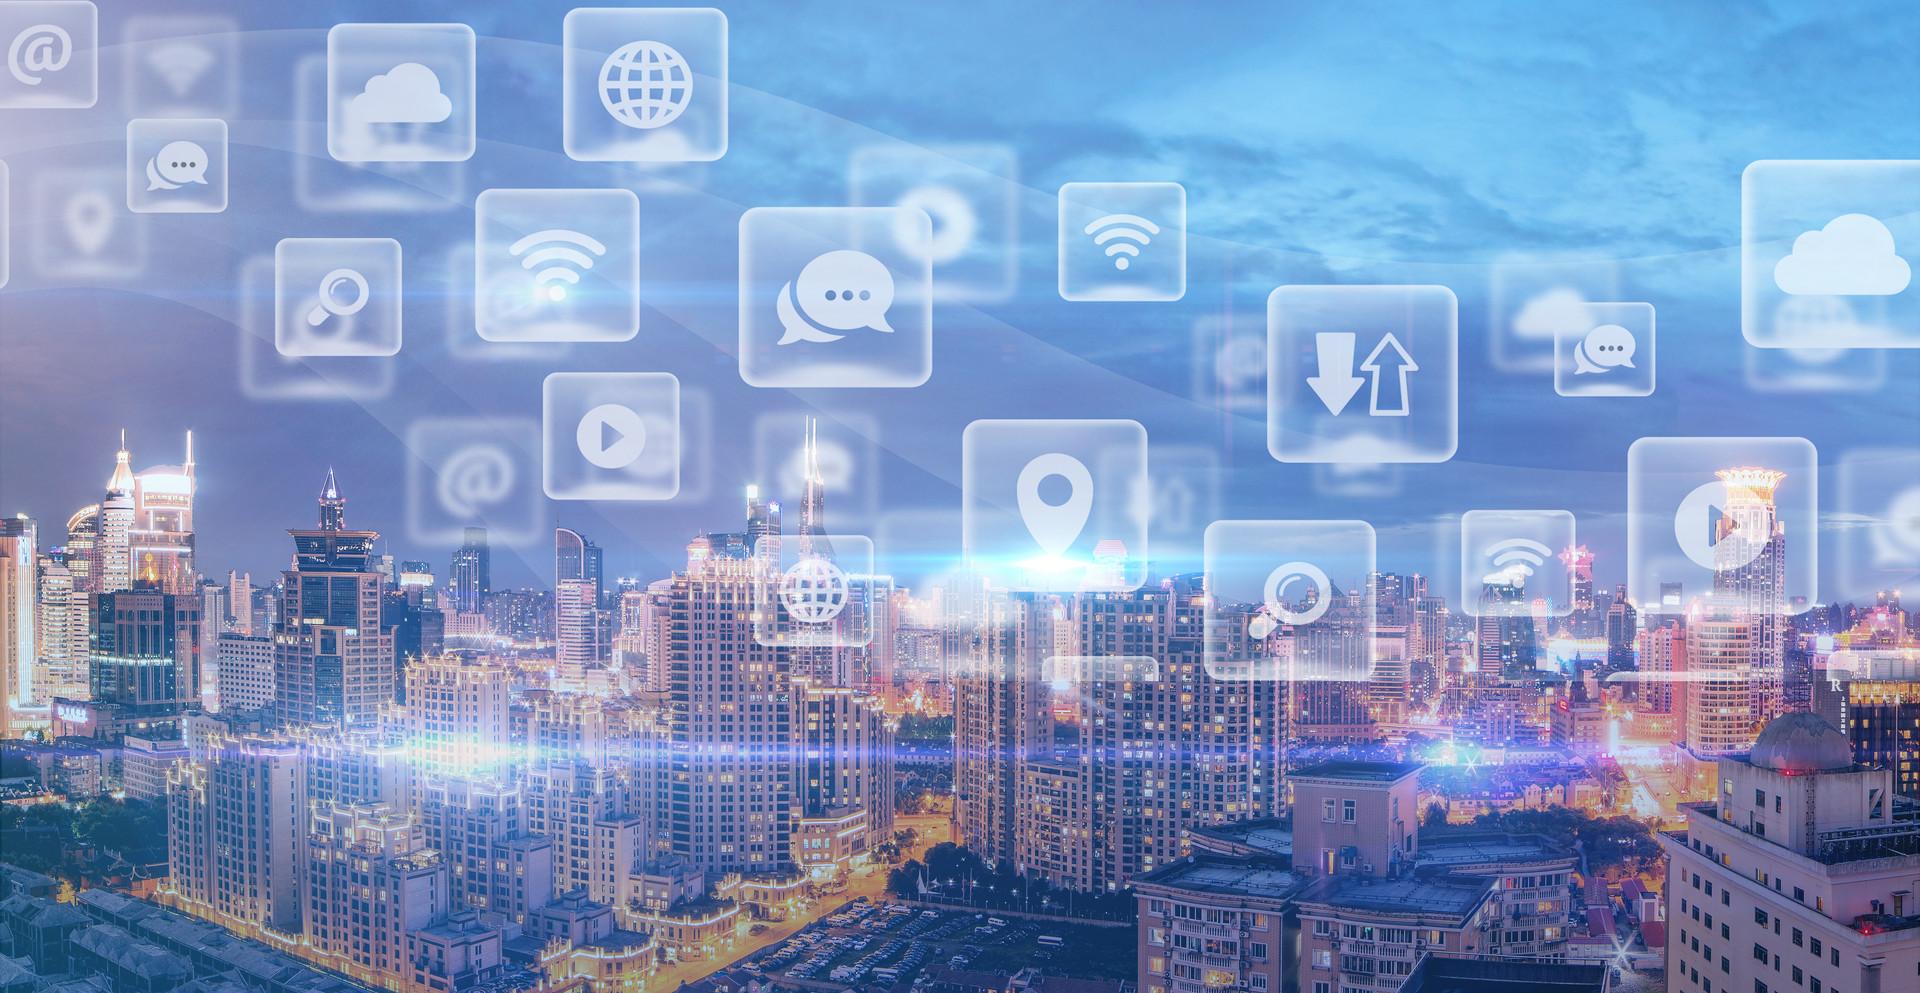 到2035年5G经济将创造13.2万亿美元经济产出